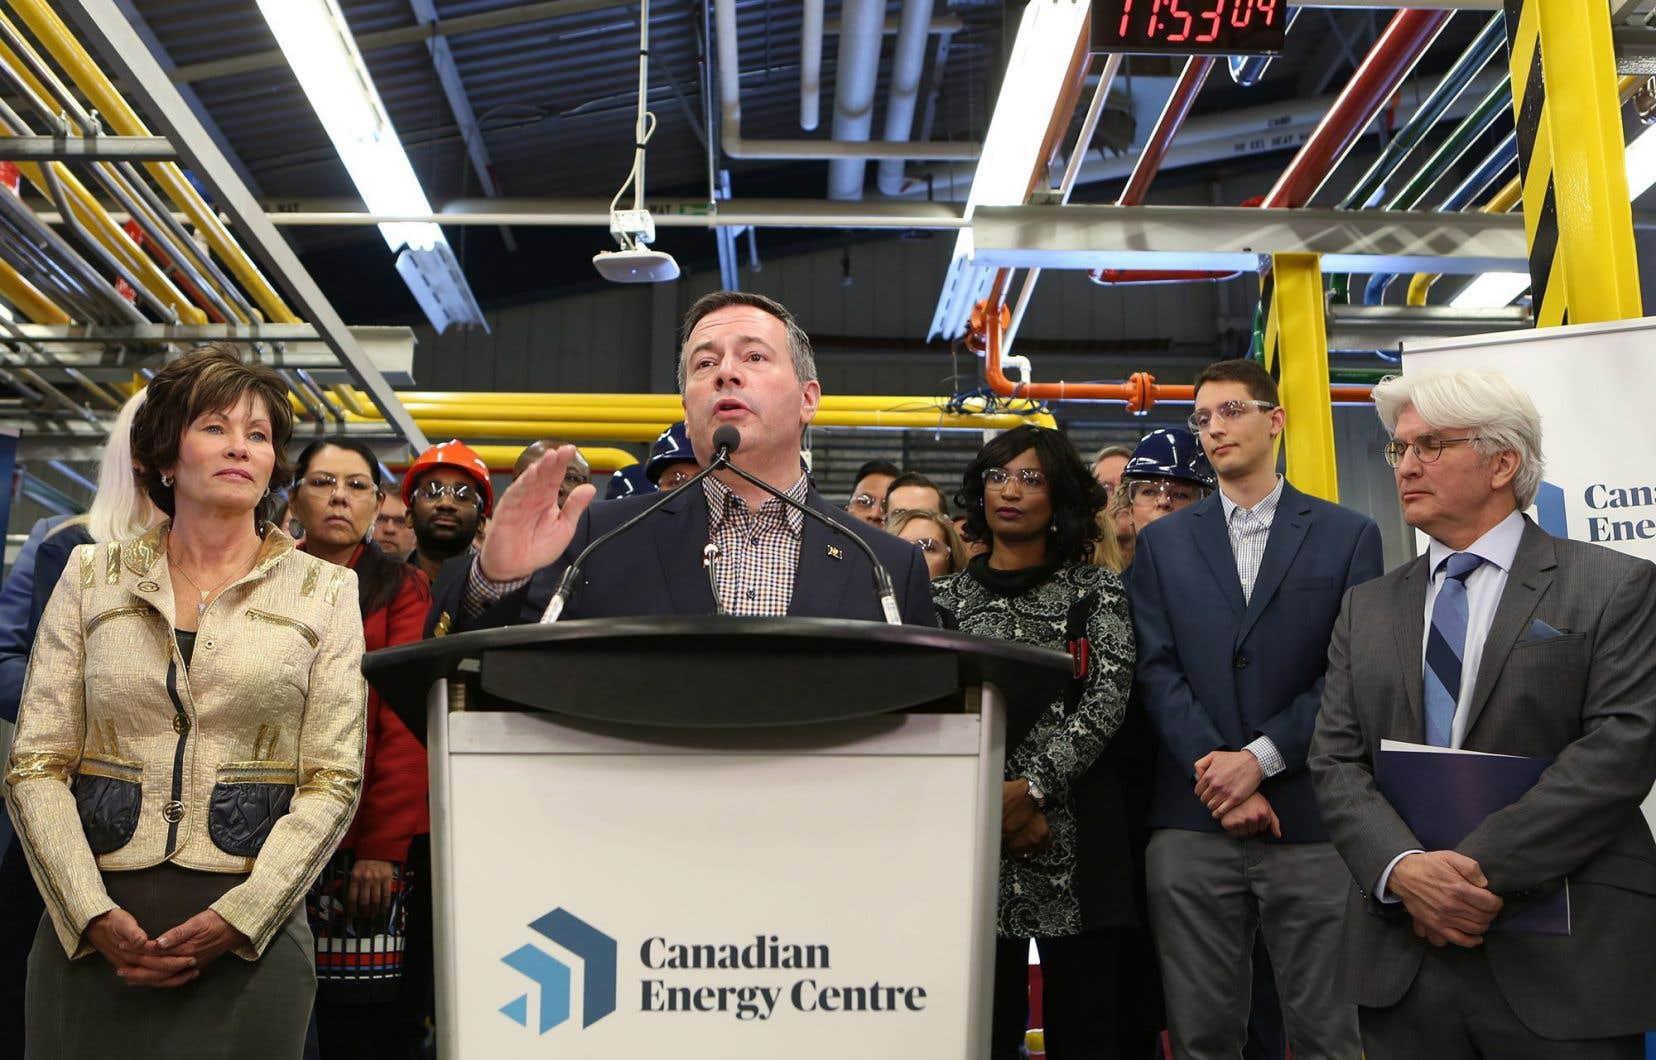 Le 11 décembre, le premier ministre albertain, Jason Kenney,a lancé le Centre de l'énergie canadienne, qu'il décrit comme un «centre des opérations» («war room») servant à réagir et à corriger la «désinformation» sur l'industrie énergétique de la province.